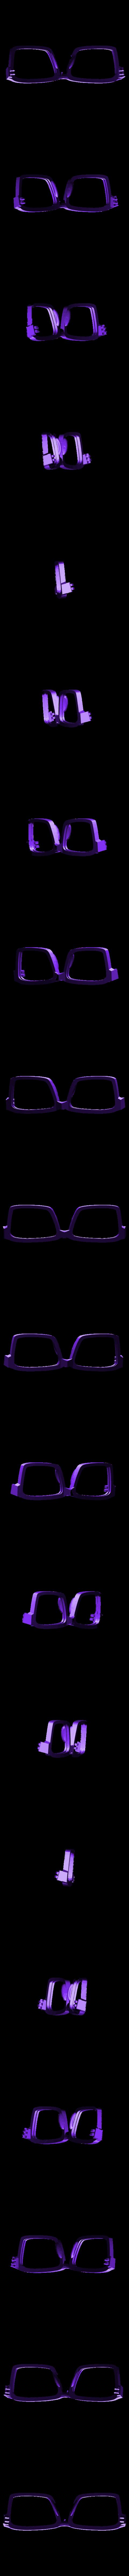 rim.stl Télécharger fichier STL gratuit Lunettes Bre got - pièces détachées • Design à imprimer en 3D, Gophy